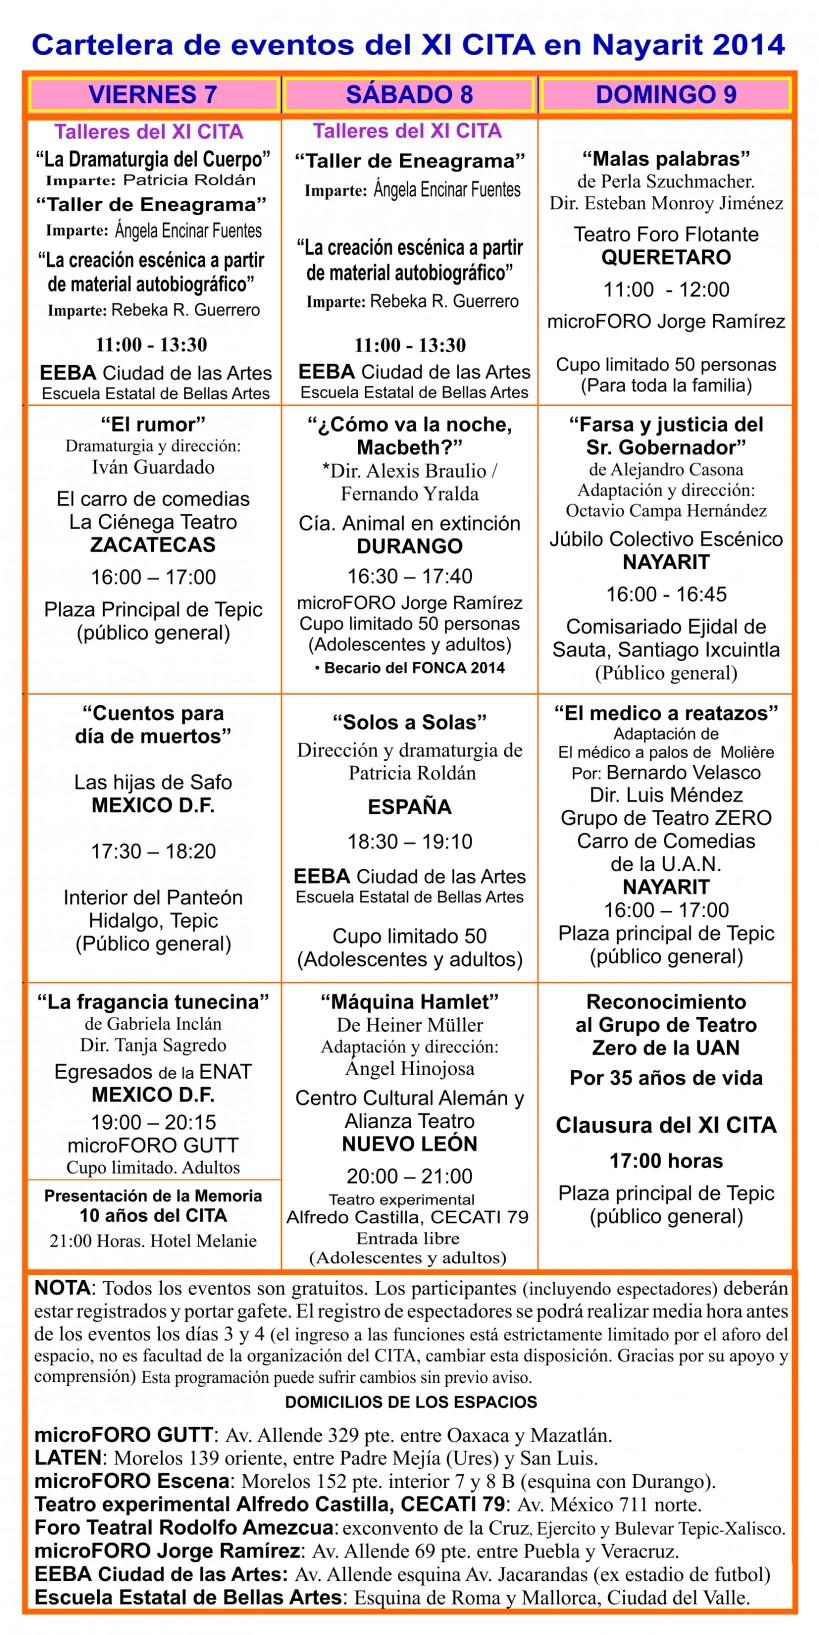 Programa cartelera del XI CITA 2014 3